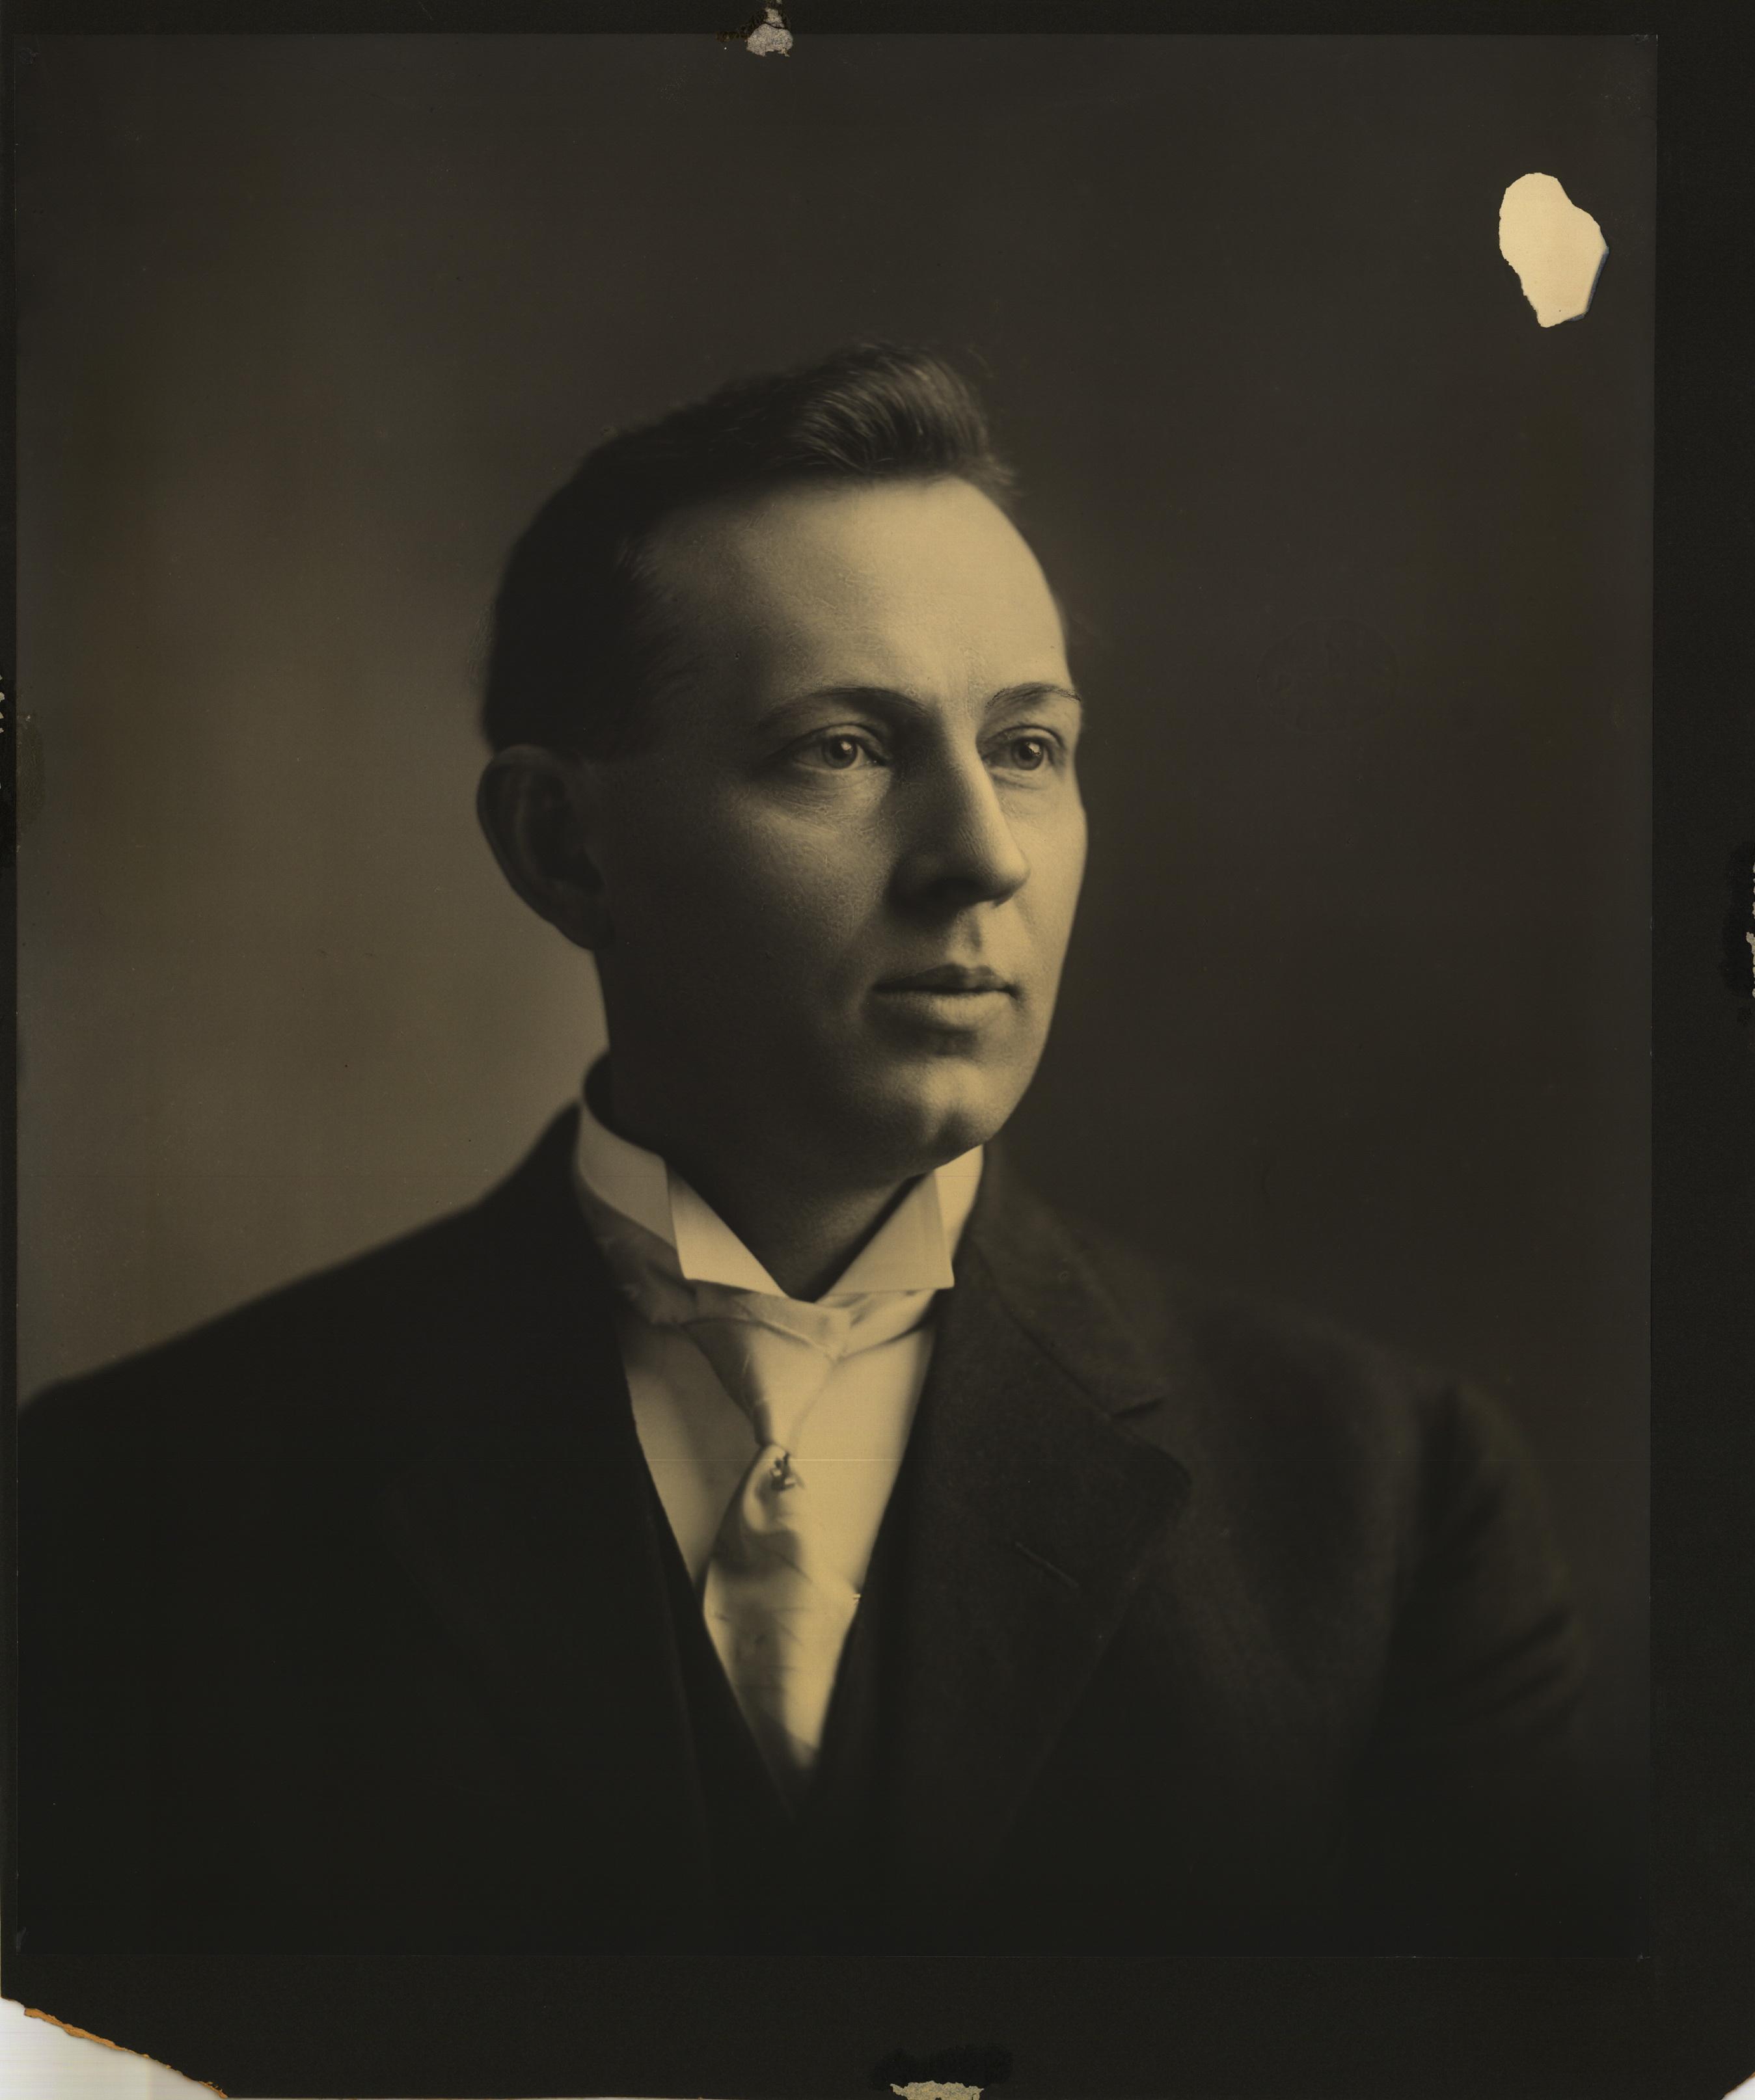 Joseph Fielding Smith as a young man.